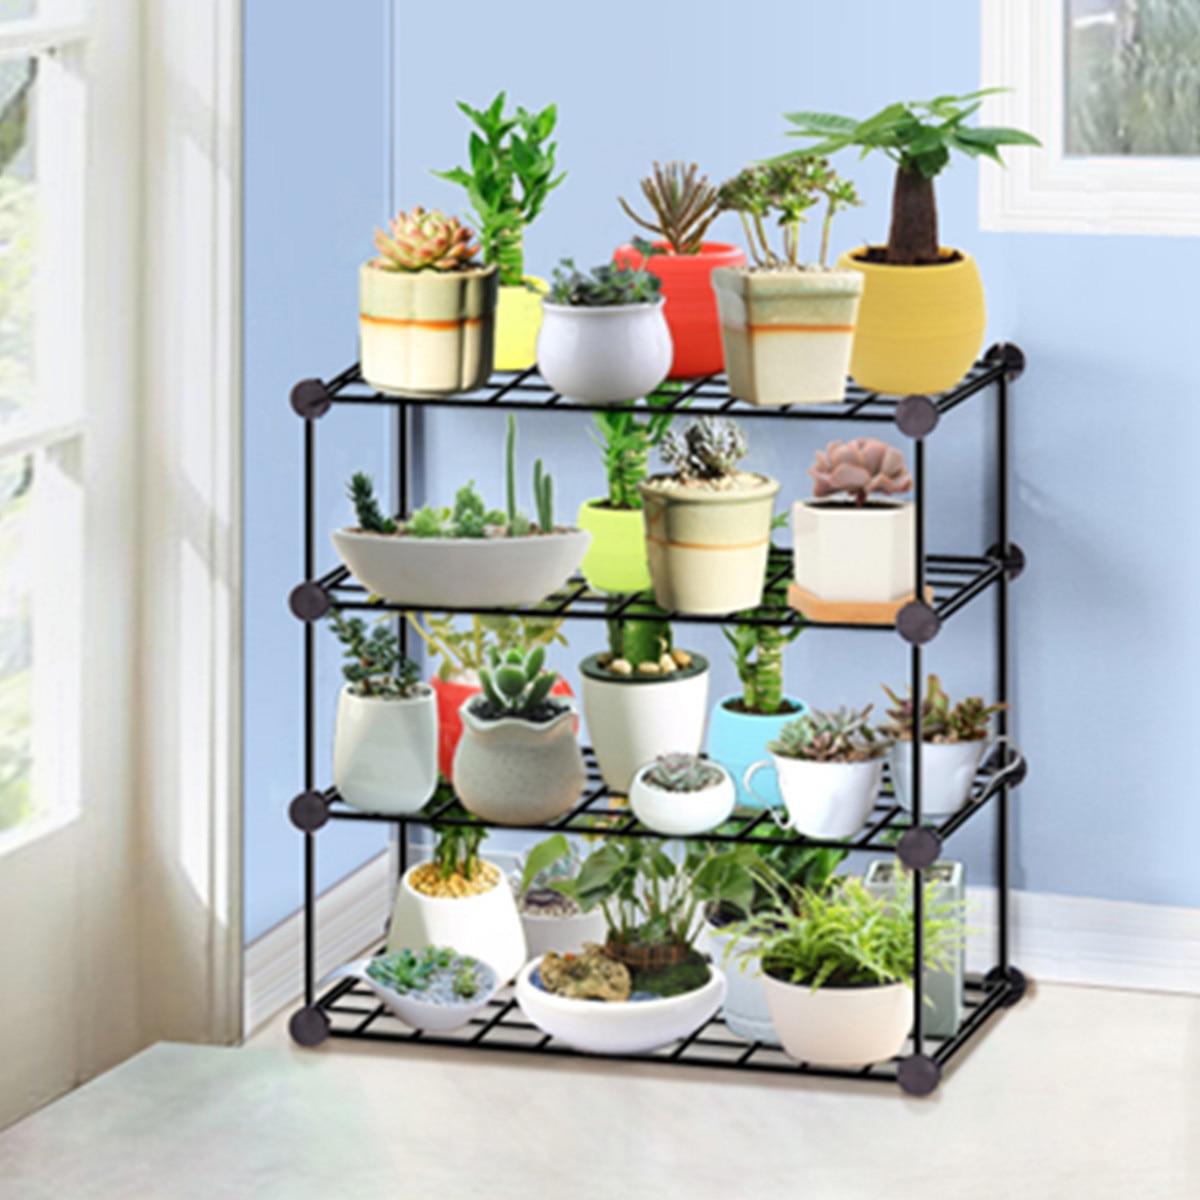 Soporte de plantas multicapa de hierro forjado para el hogar, estante suculento, estante para balcón, Bar de café interior Simple, estante para jardín, maceta con flores